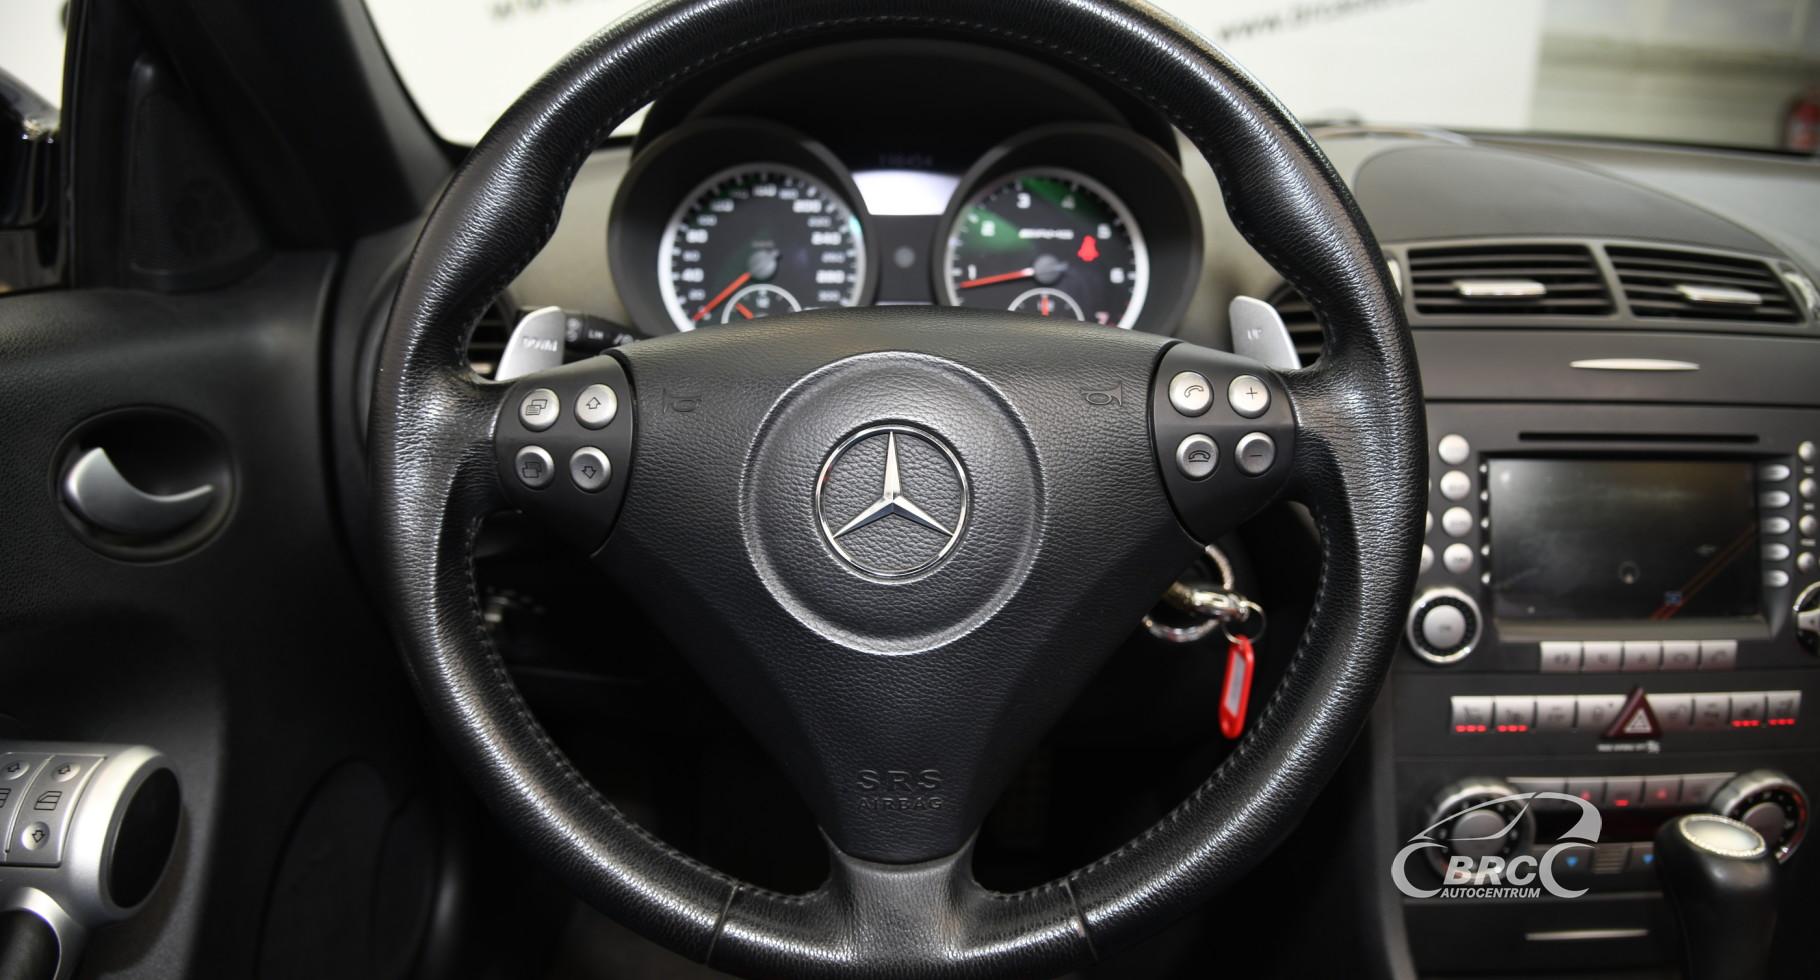 Mercedes-Benz SLK 55 AMG Automatas